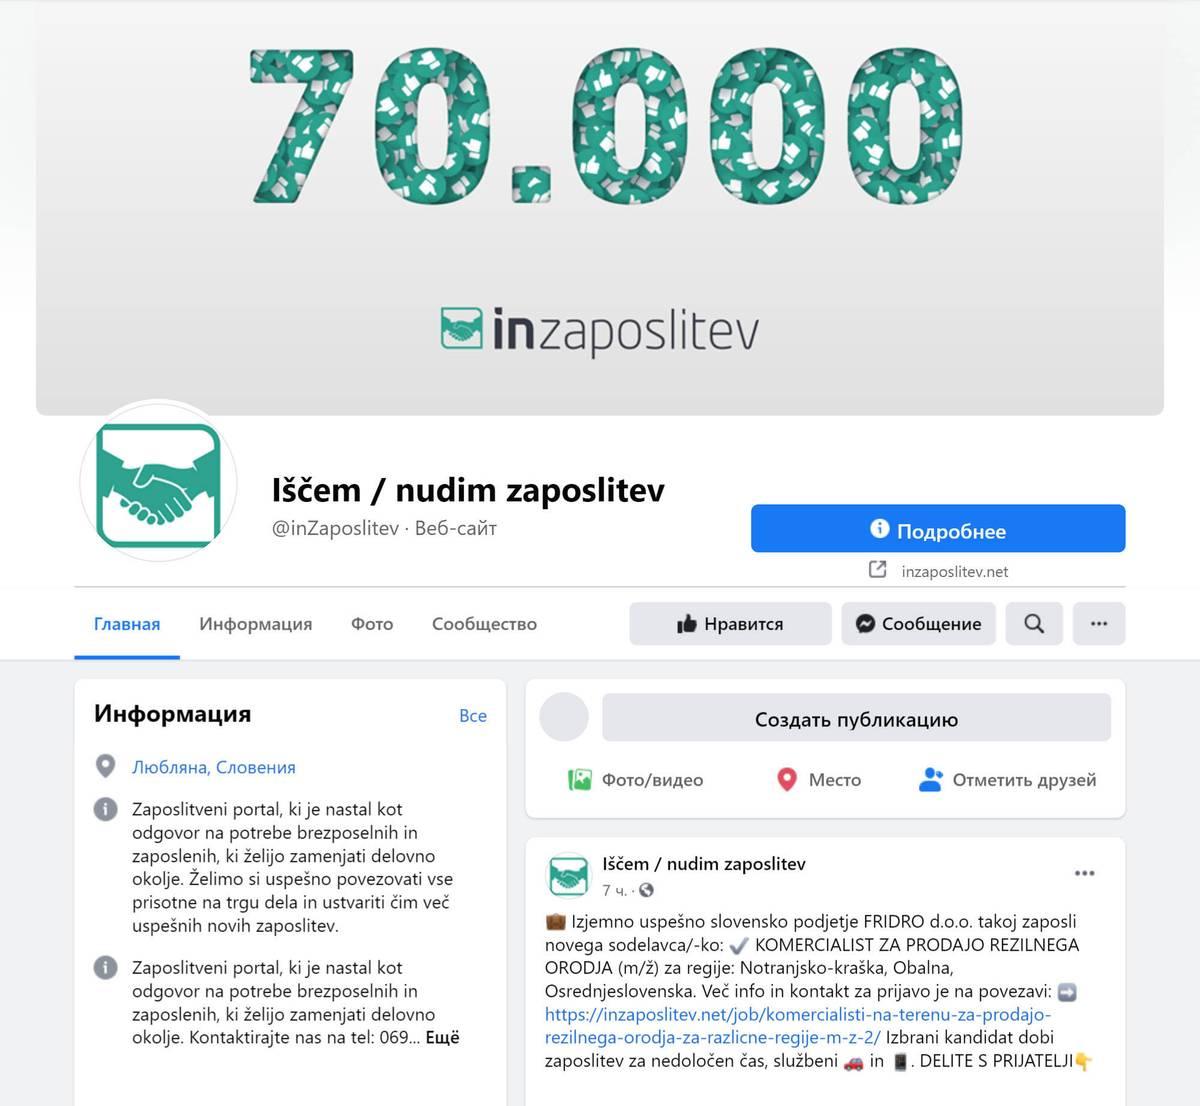 Inzaposlitev — это одна из самых популярных словенских групп в «Фейсбуке» дляразмещения вакансий. Тамя и искала работу